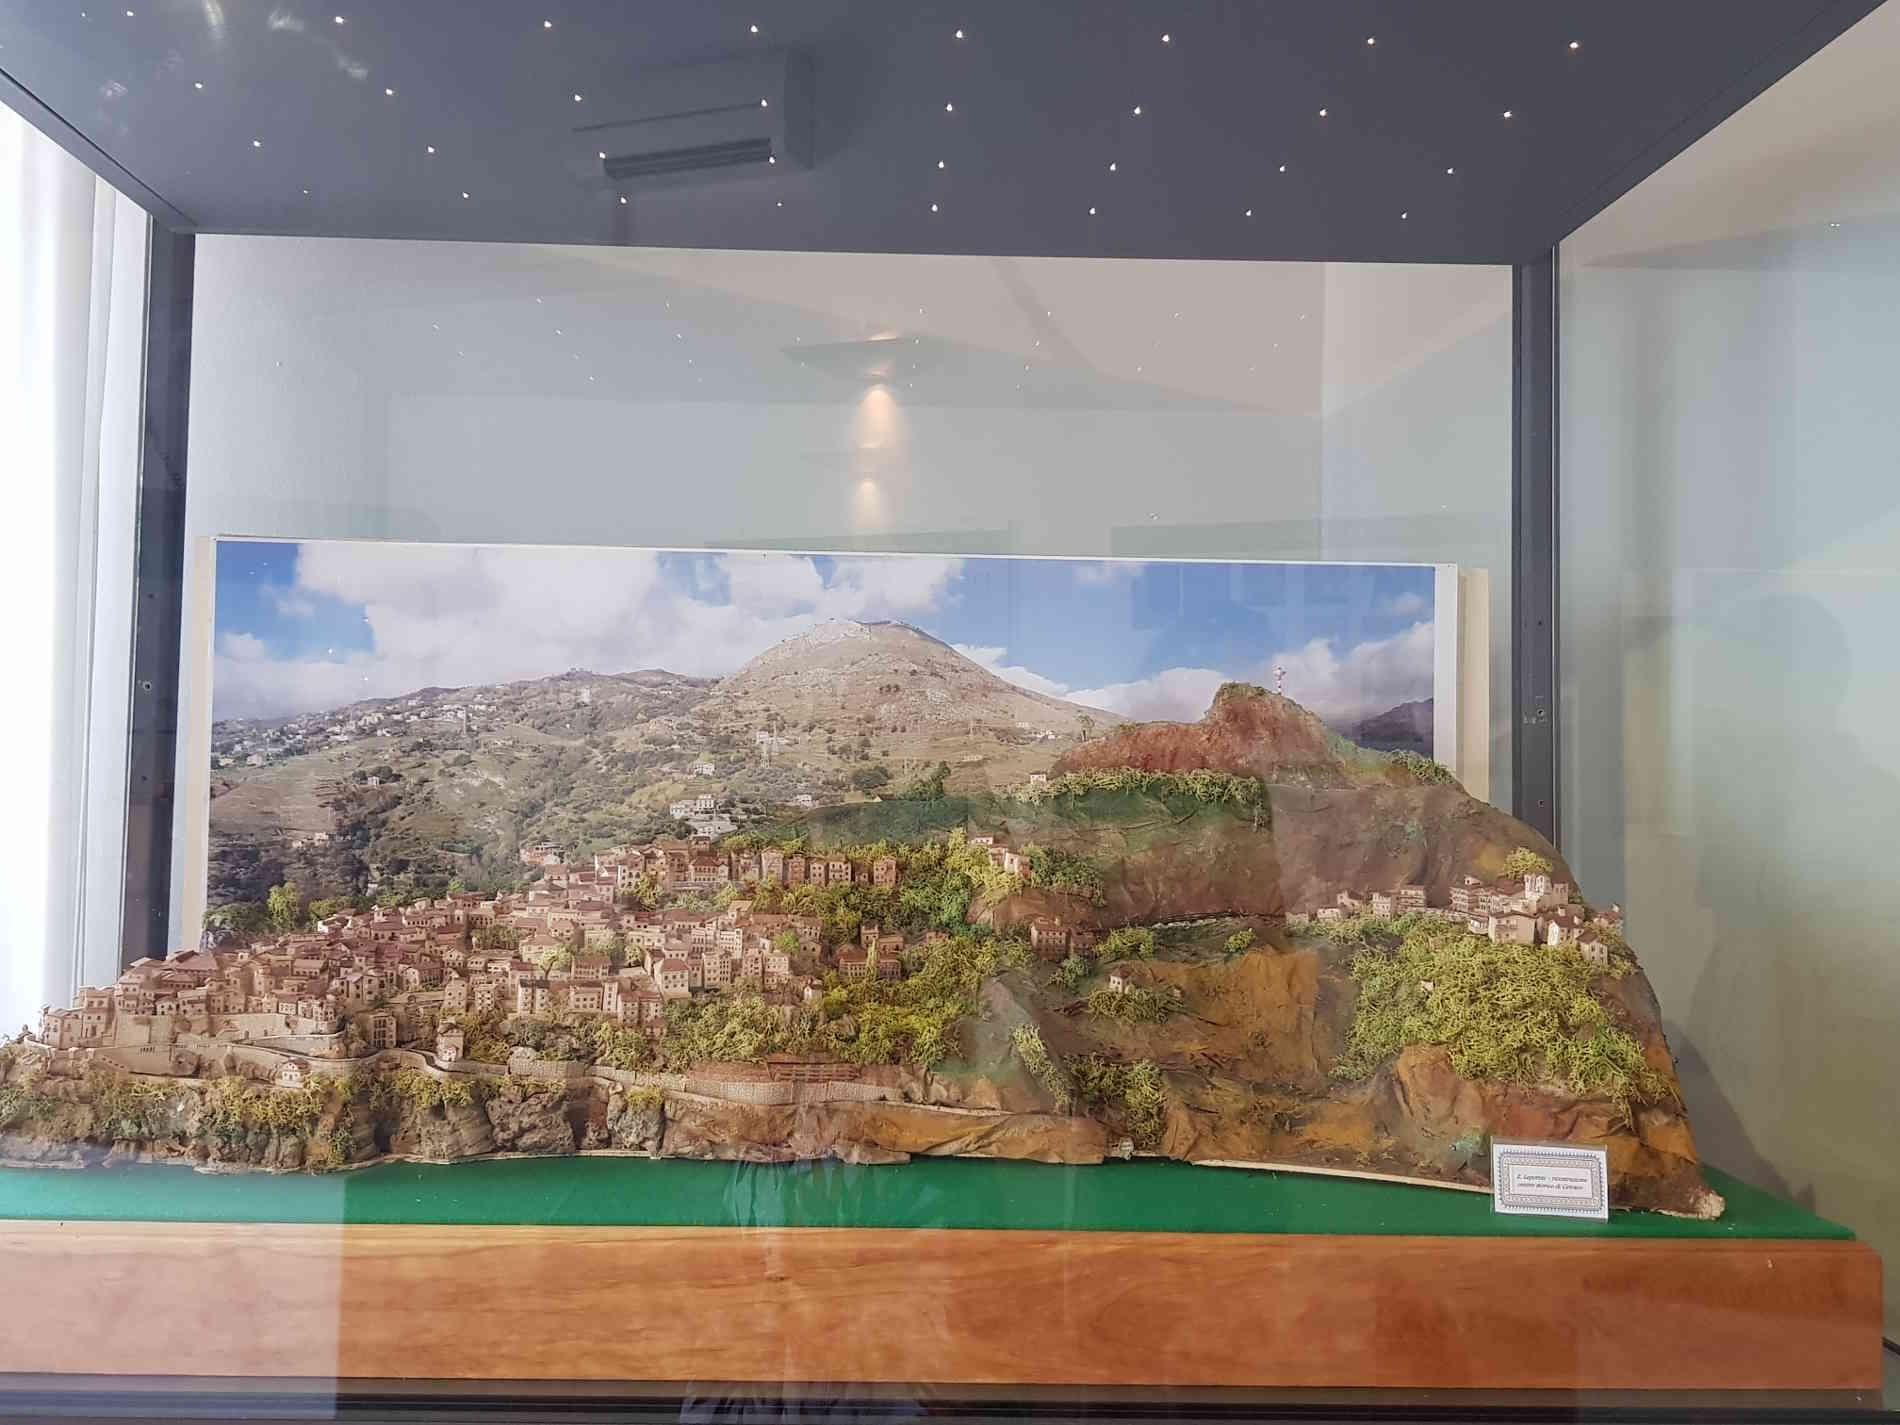 Museo dei Brettii e del mare a Cetraro Un plastico che rappresenta il centro storico di Cetraro